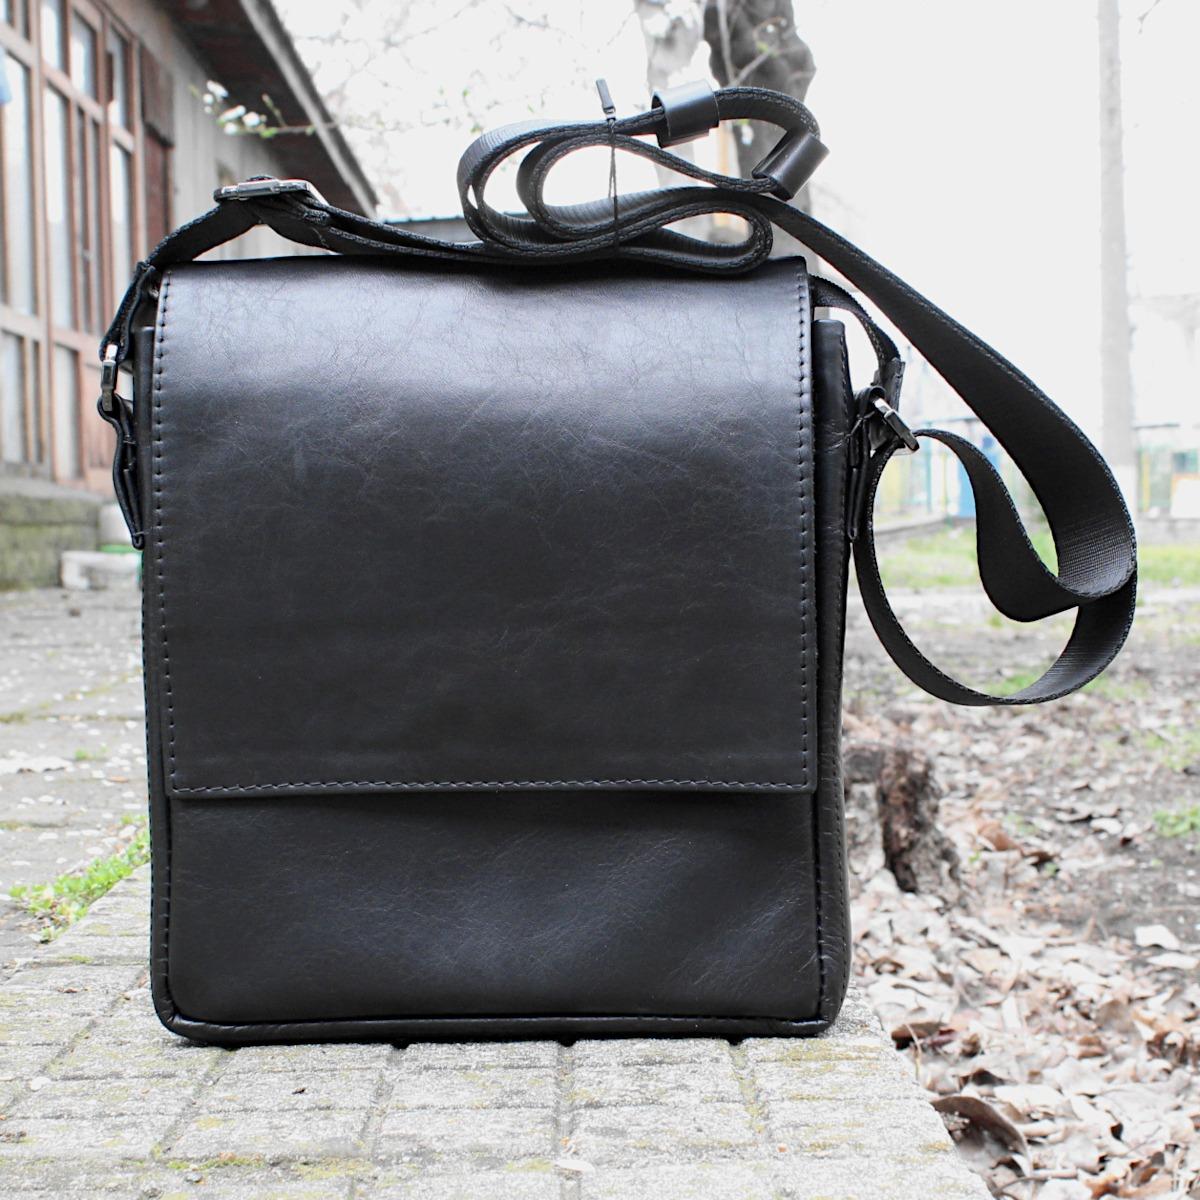 луксозна мъжка чанта от естествена кожа черна цветна